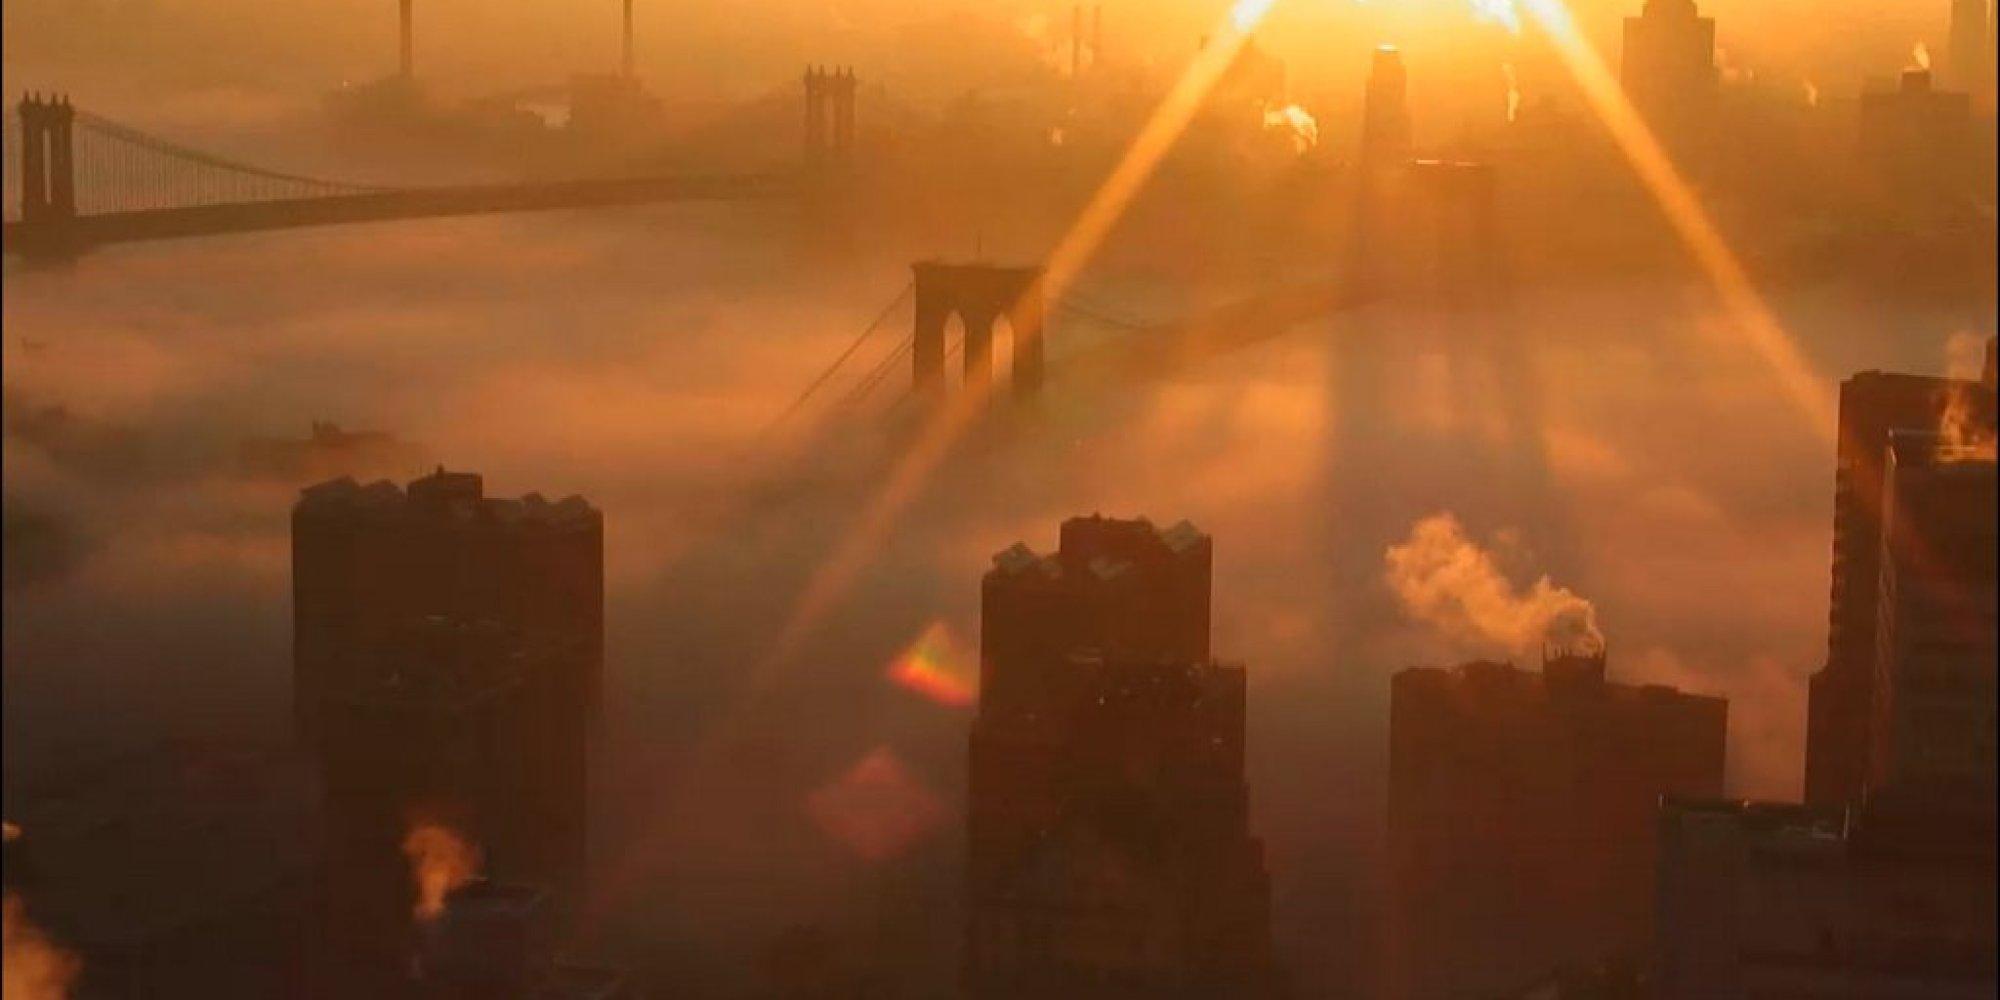 new fog park Central york city